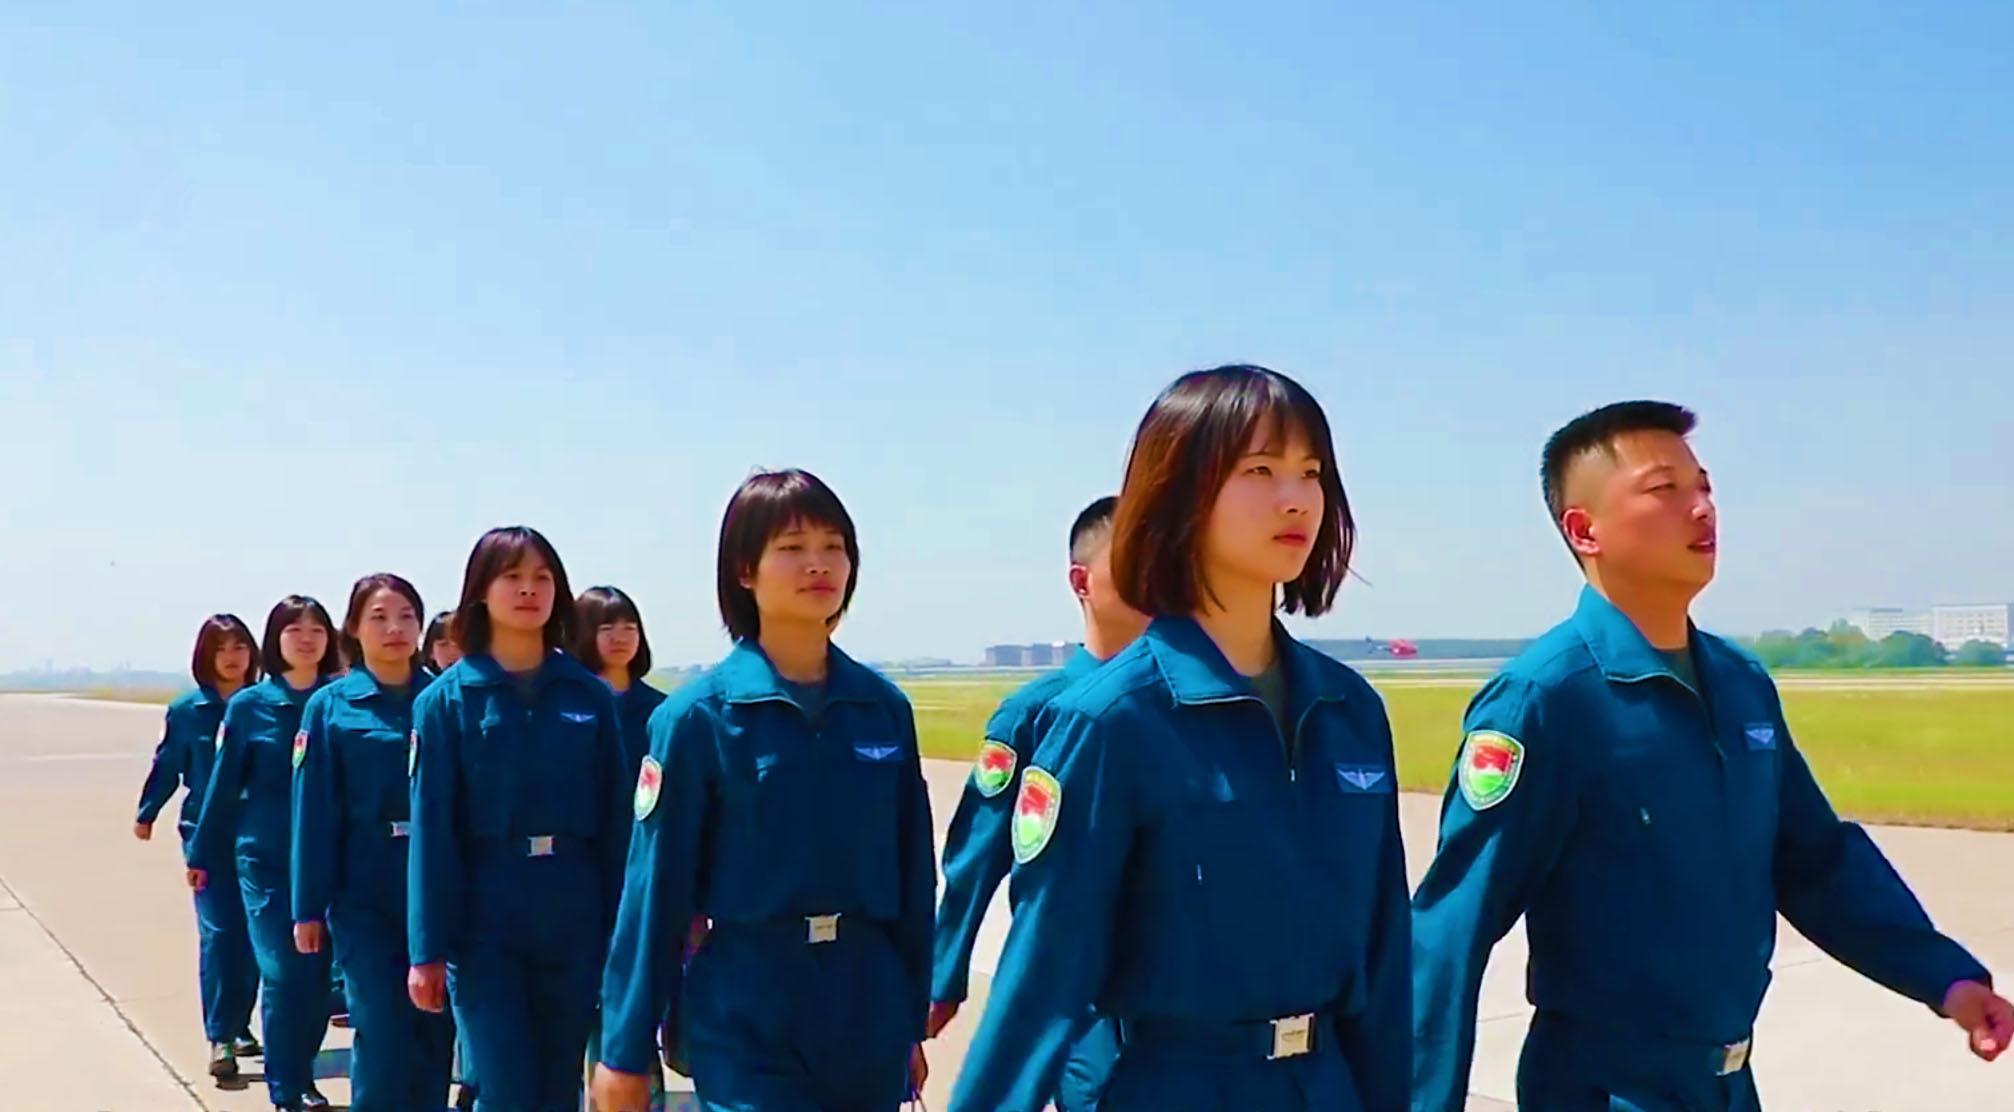 英姿飒爽!陆军首批10名女飞行学员首次单飞